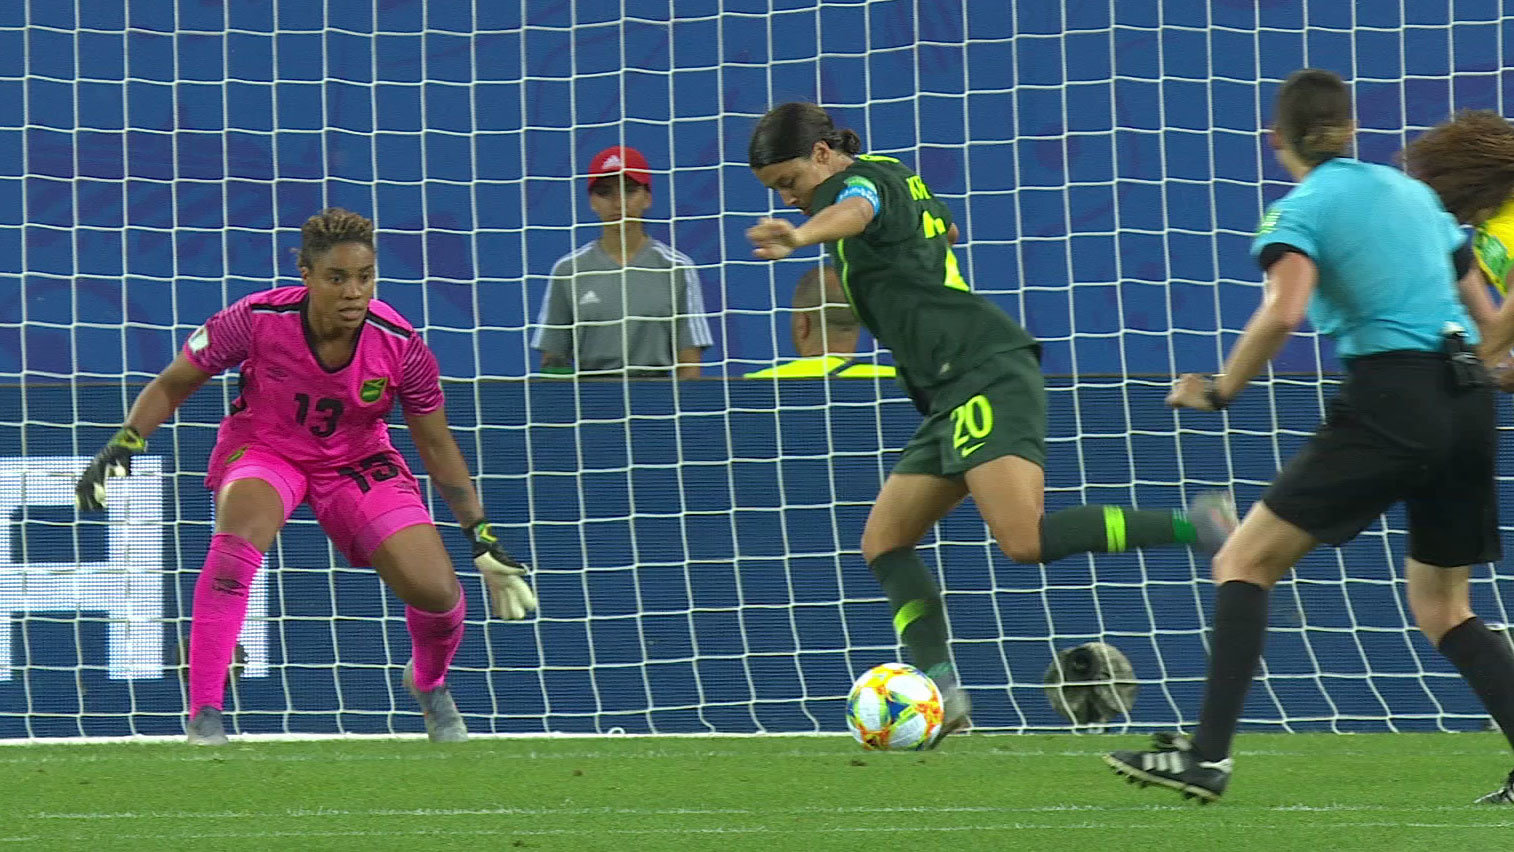 オーストラリア、サマンサ・カー4得点でジャマイカに勝利。オーストラリアはC組2位でGL突破【FIFA 女子ワールドカップ - グループC第3節 ハイライト動画】